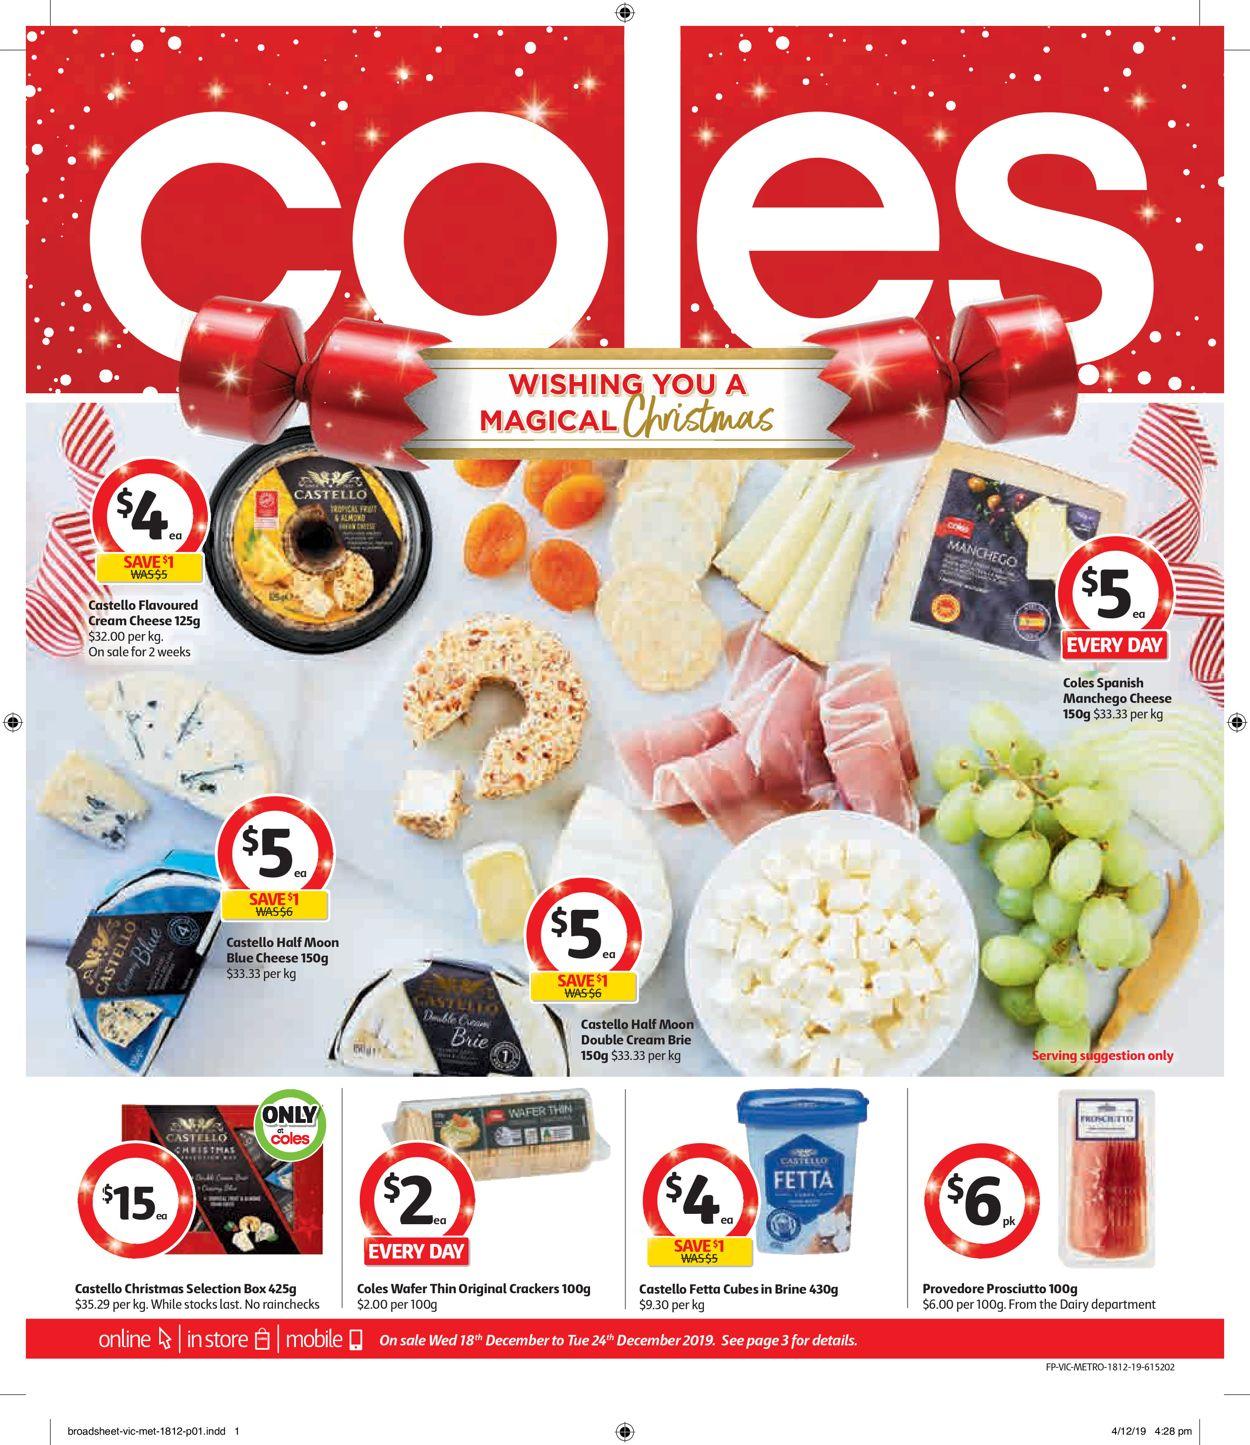 Coles Christmas Catalogue 2019 Catalogue - 18/12-24/12/2019